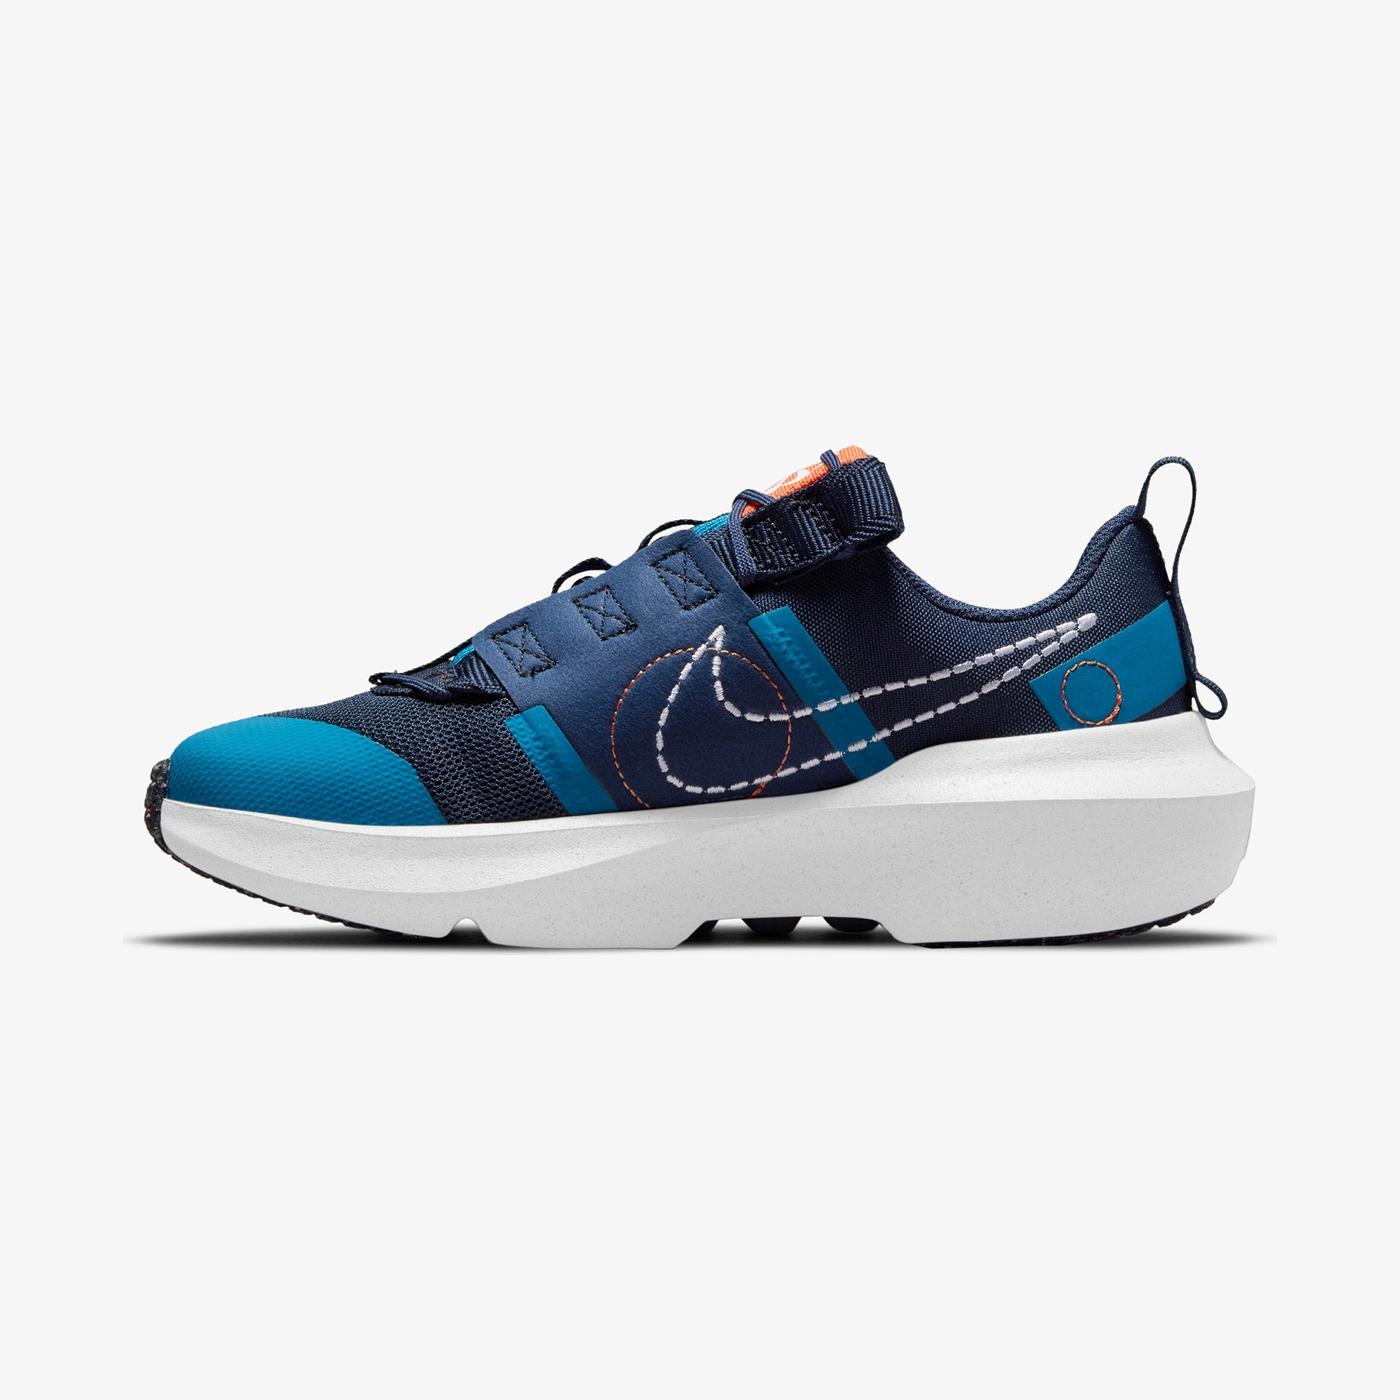 Nike Crater Impact Çocuk Siyah Spor Ayakkabı